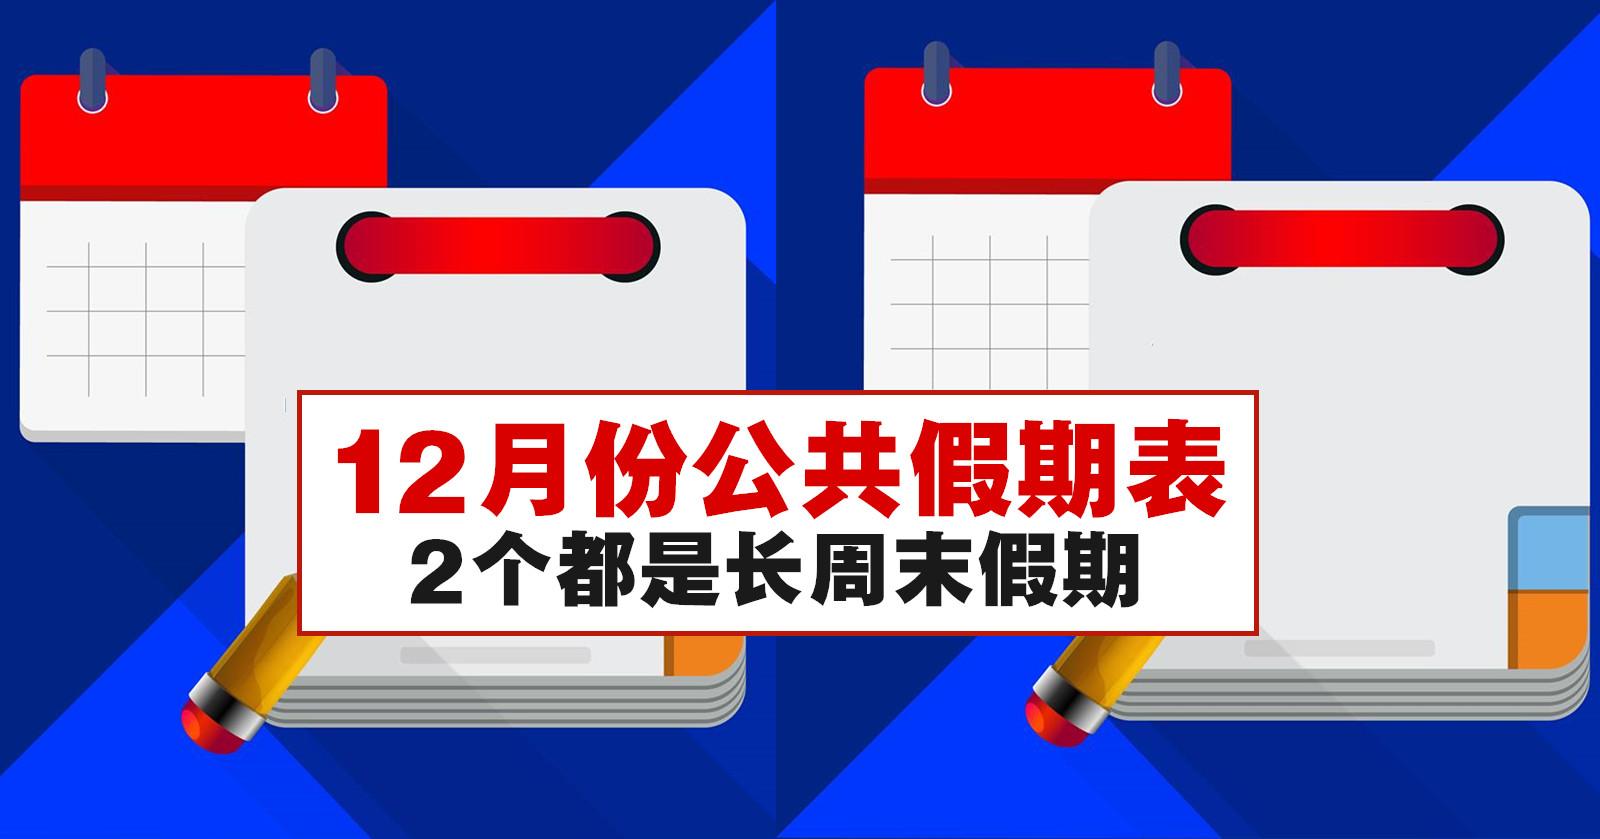 12月份公共假期表